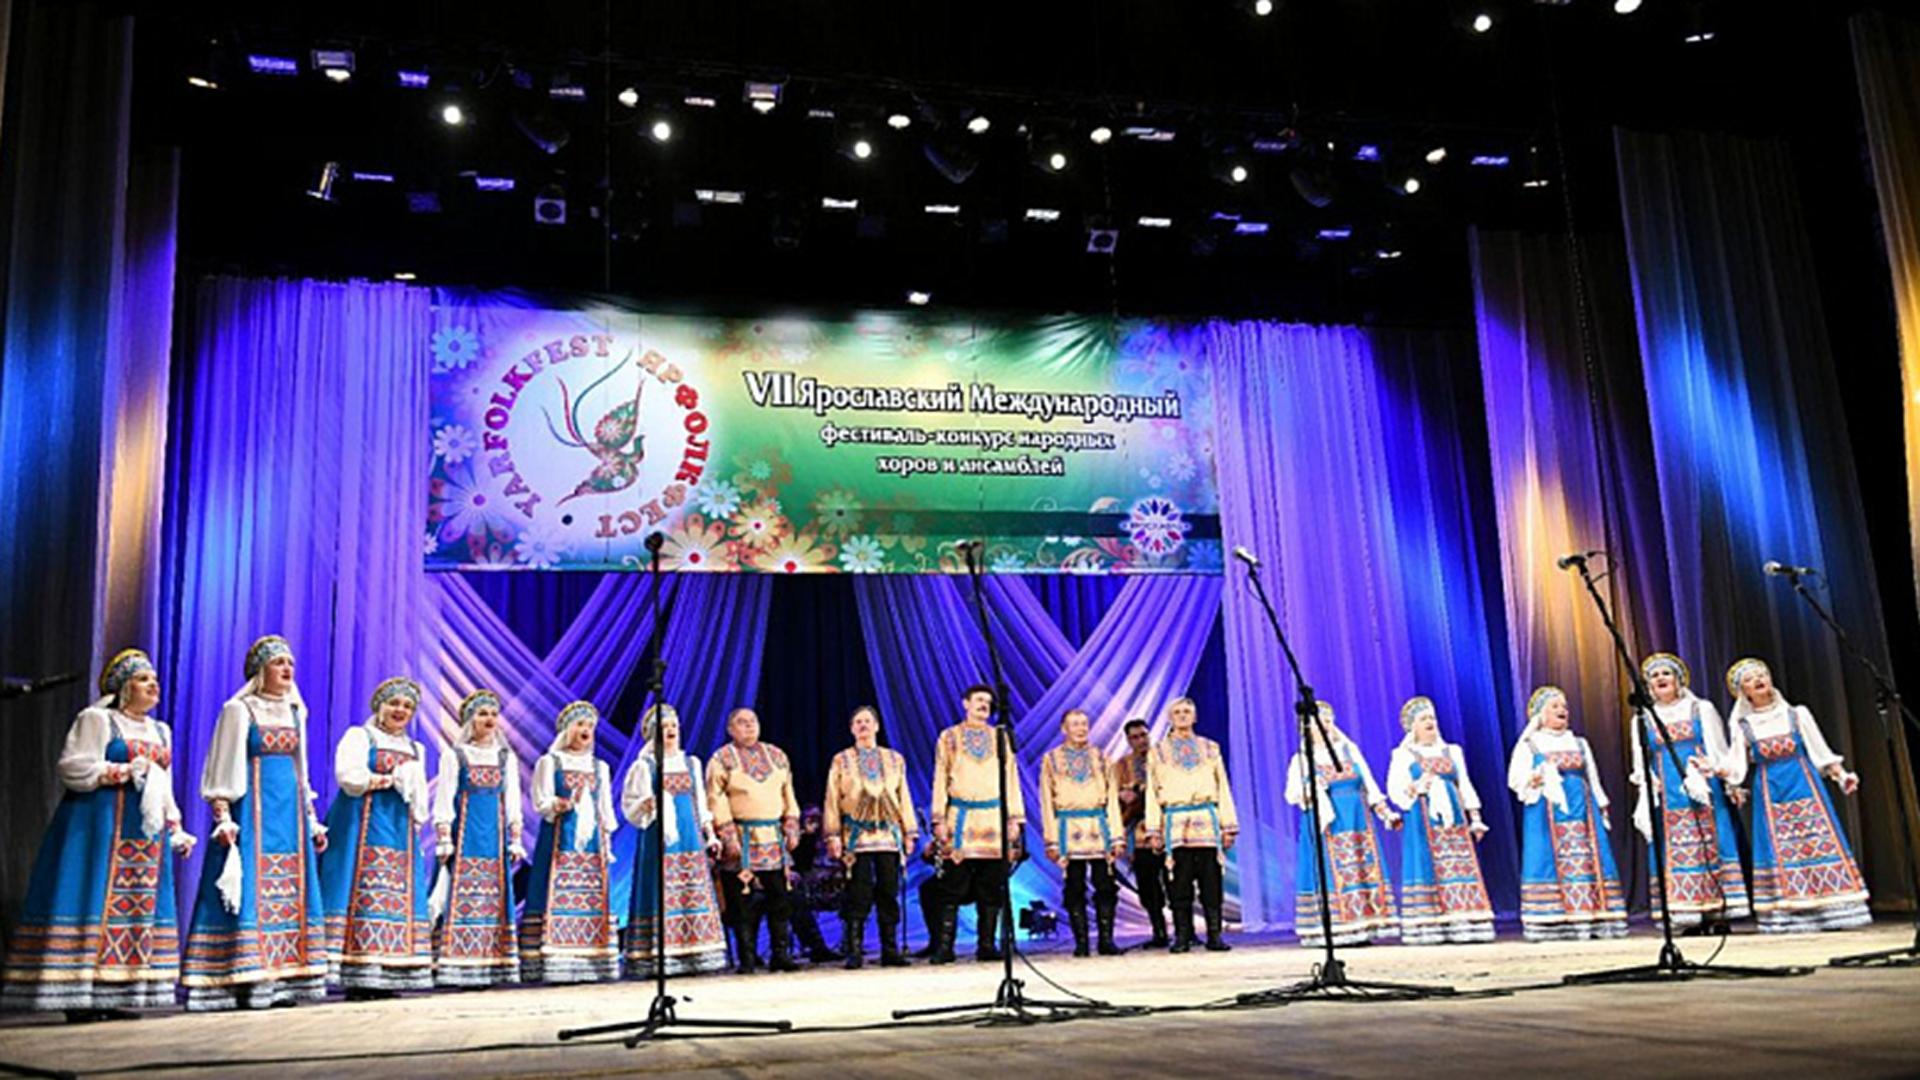 В Ярославле открылся фестиваль народных хоров и ансамблей